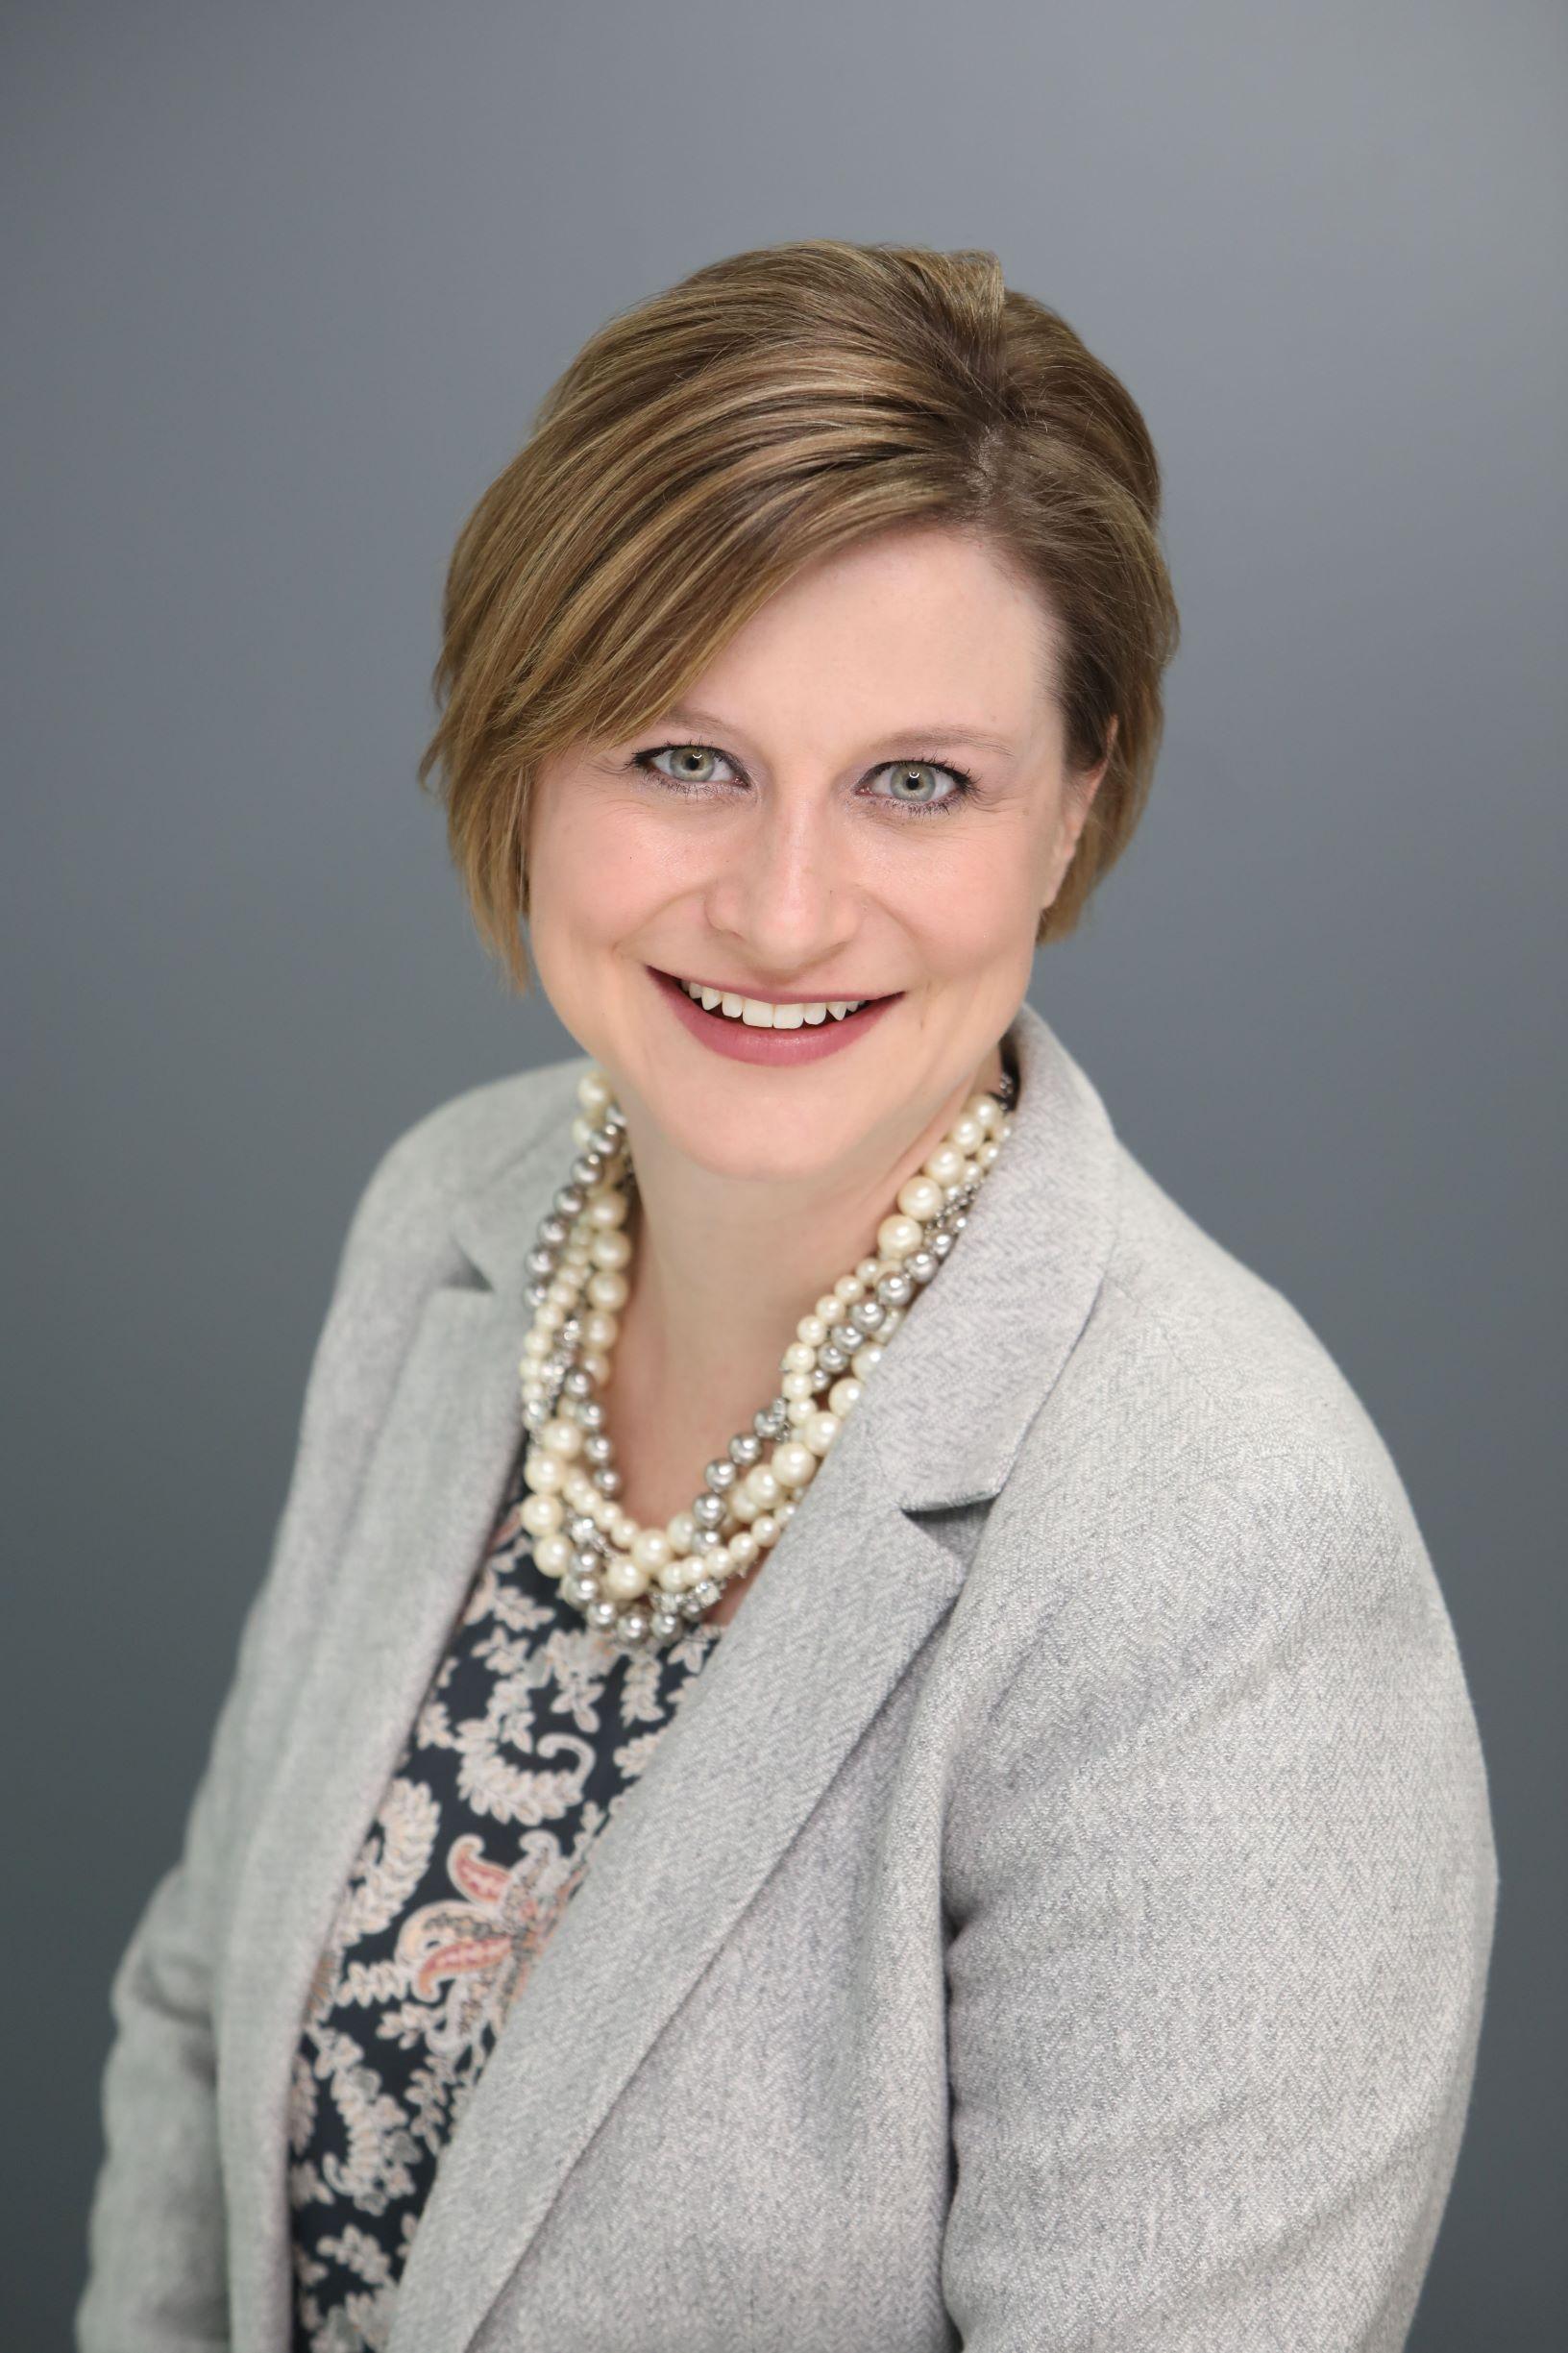 Emily Koenig Headshot